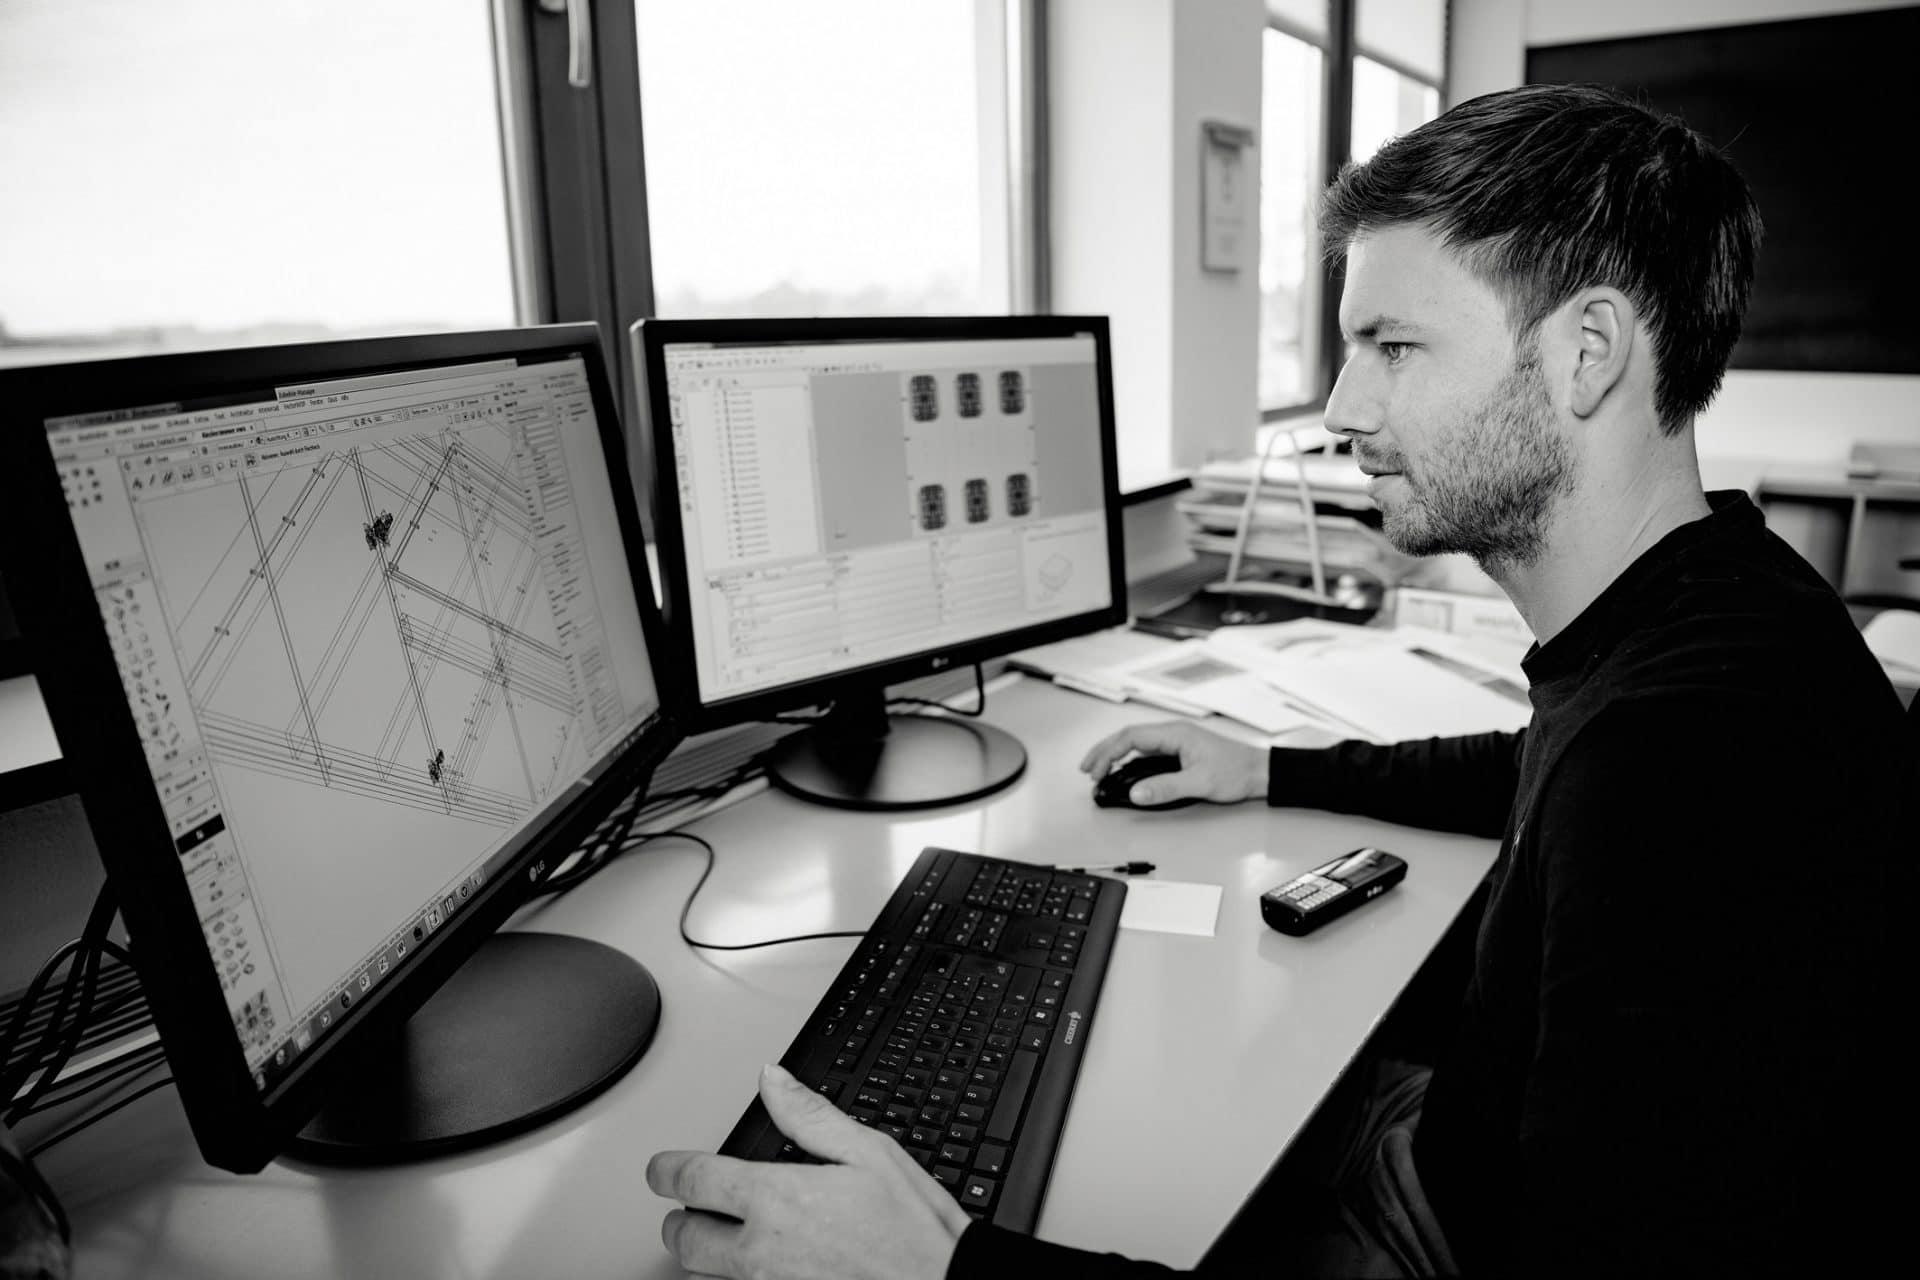 Konstrukteur sitzt vor einem Computer und entwirft eine Einbaulösung - Bild schwarz-weiß